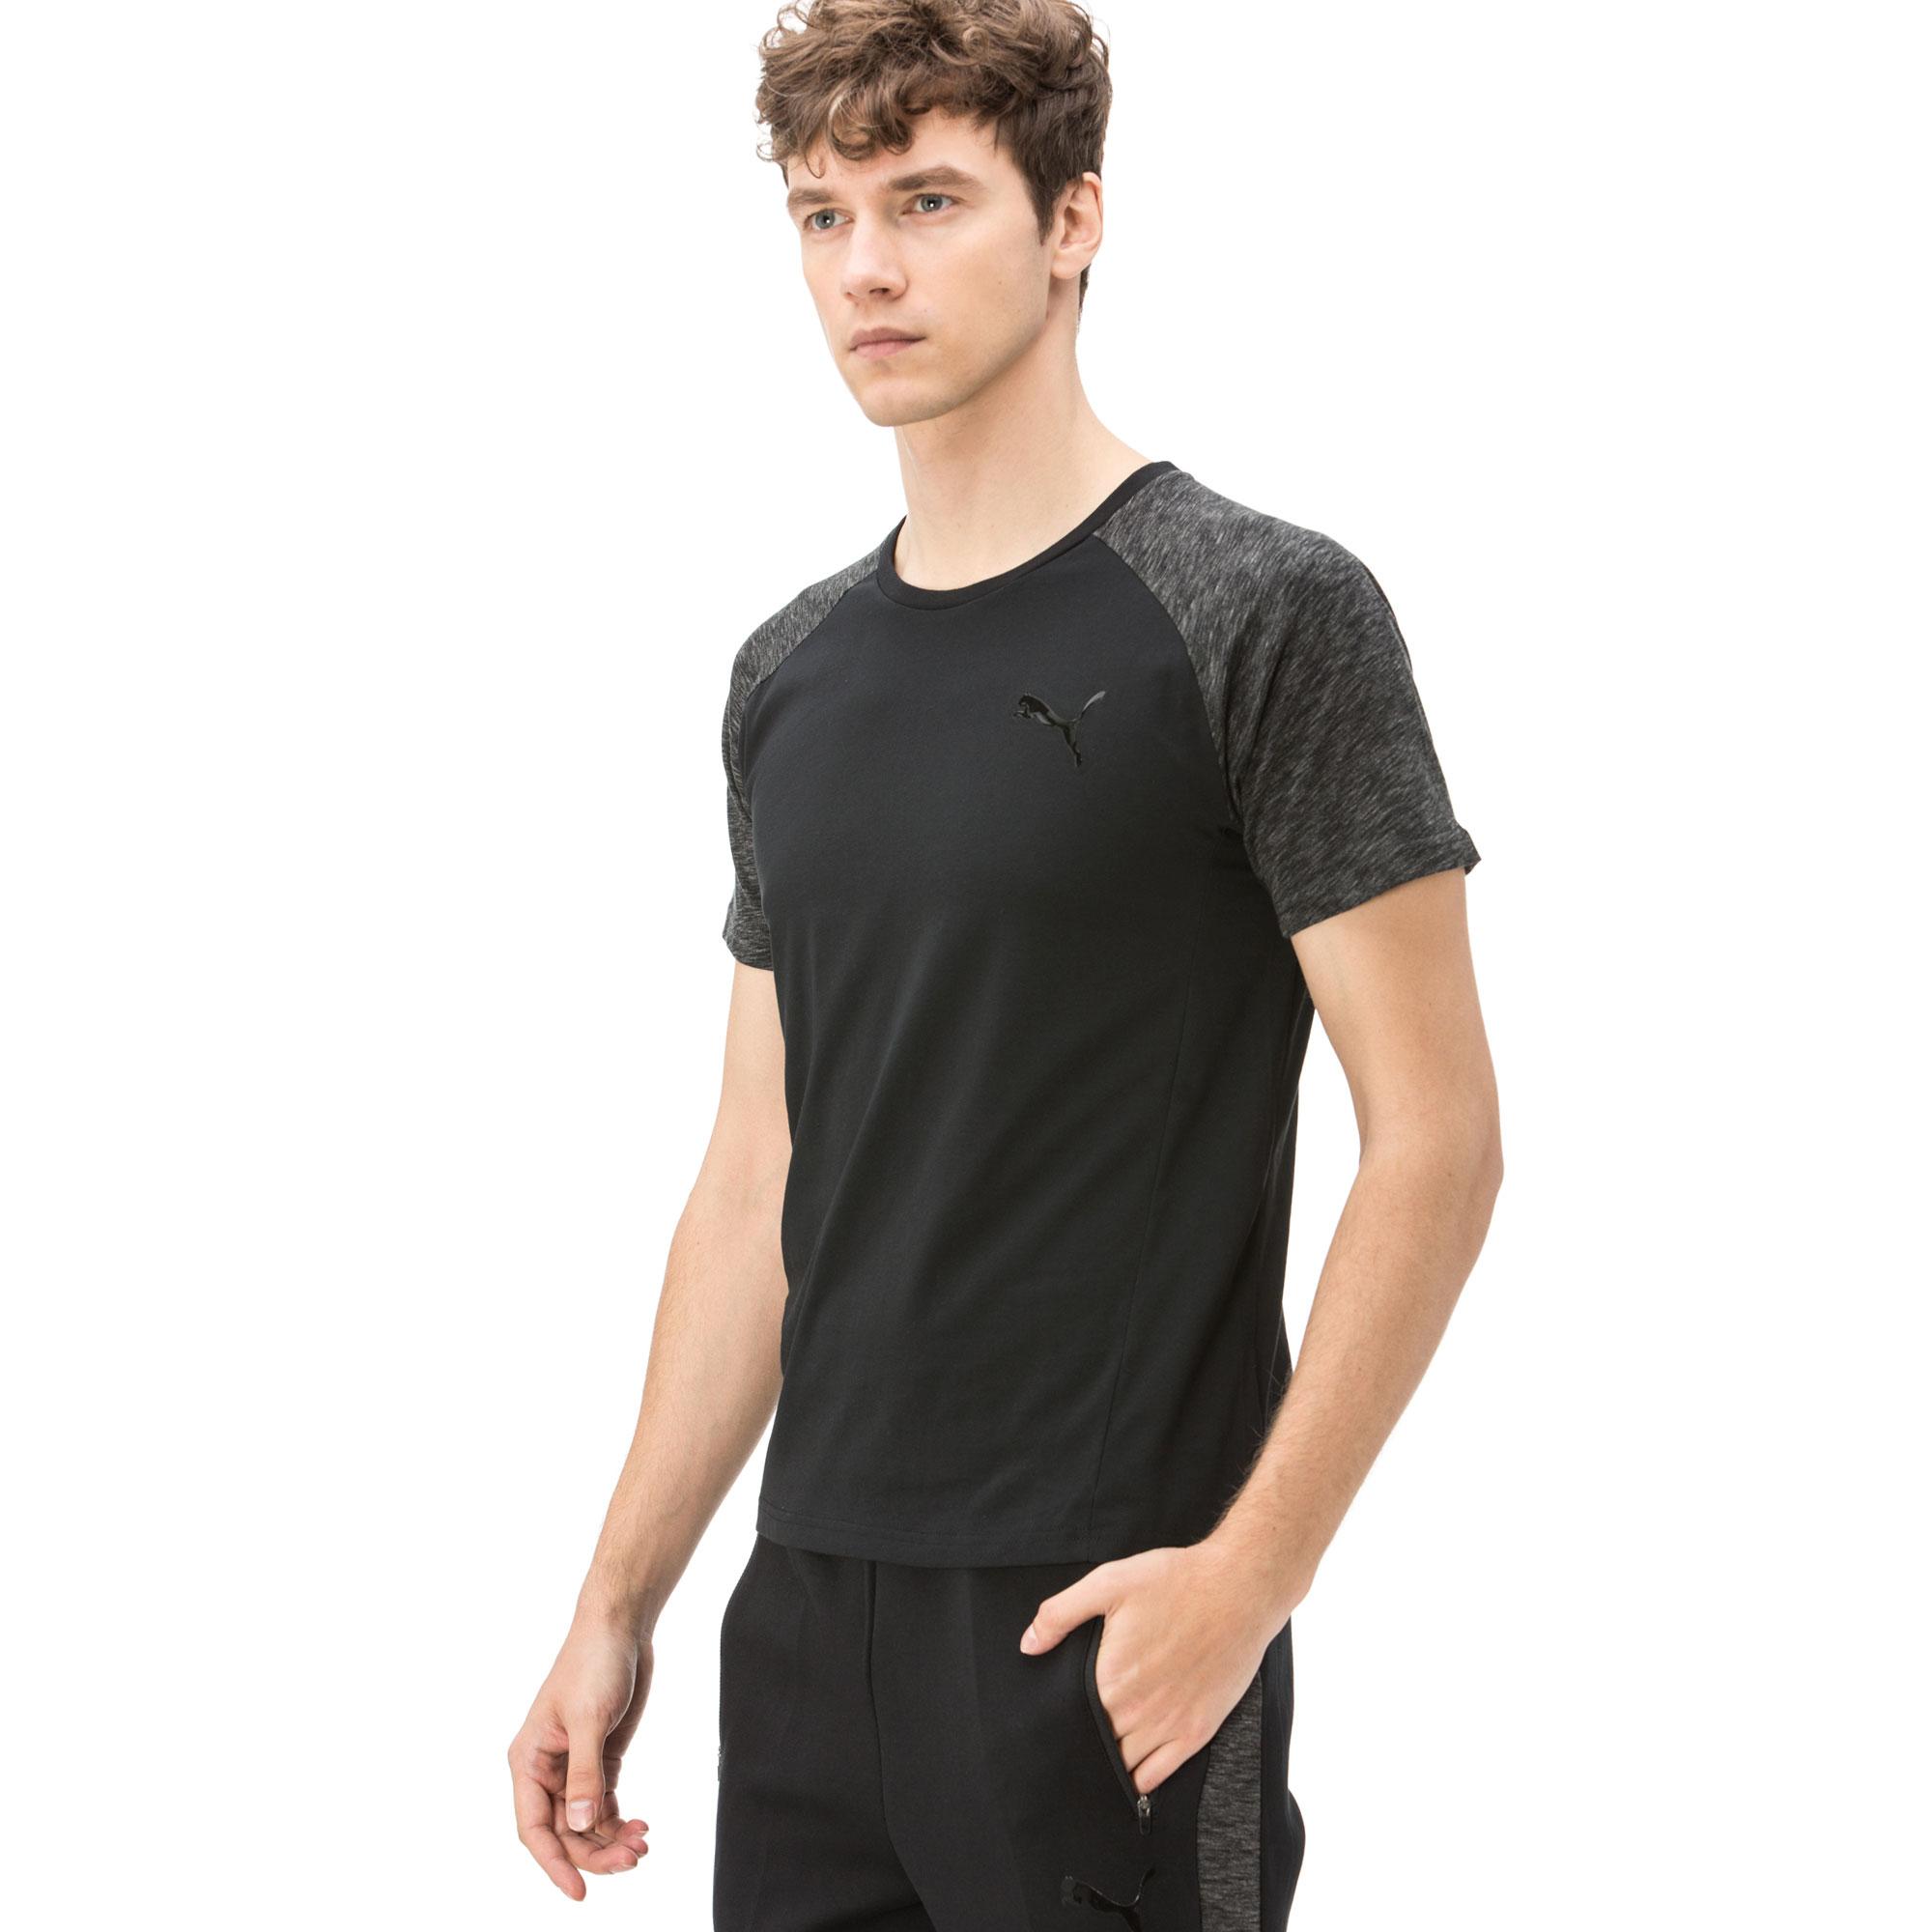 Puma Pace Erkek Beyaz T-shirt